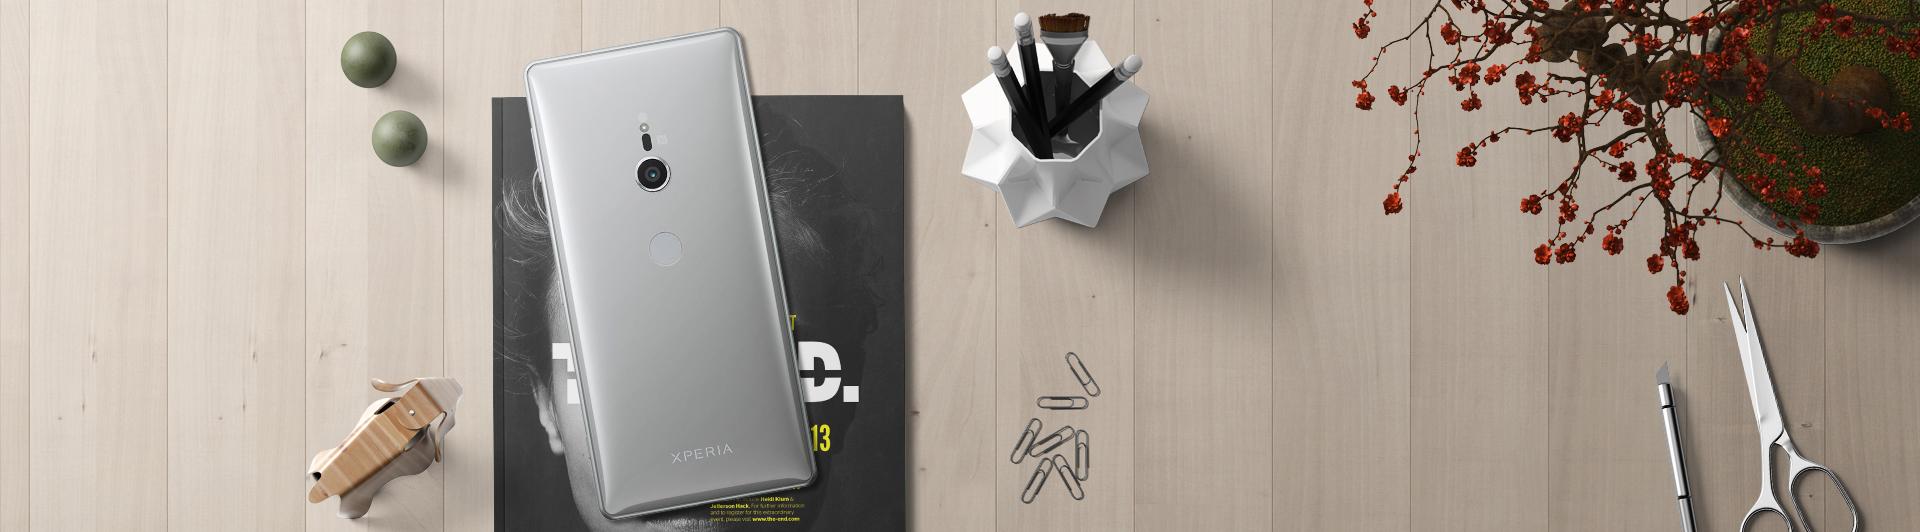 Điện thoại Sony Xperia XZ2 màu bạc mặt sau